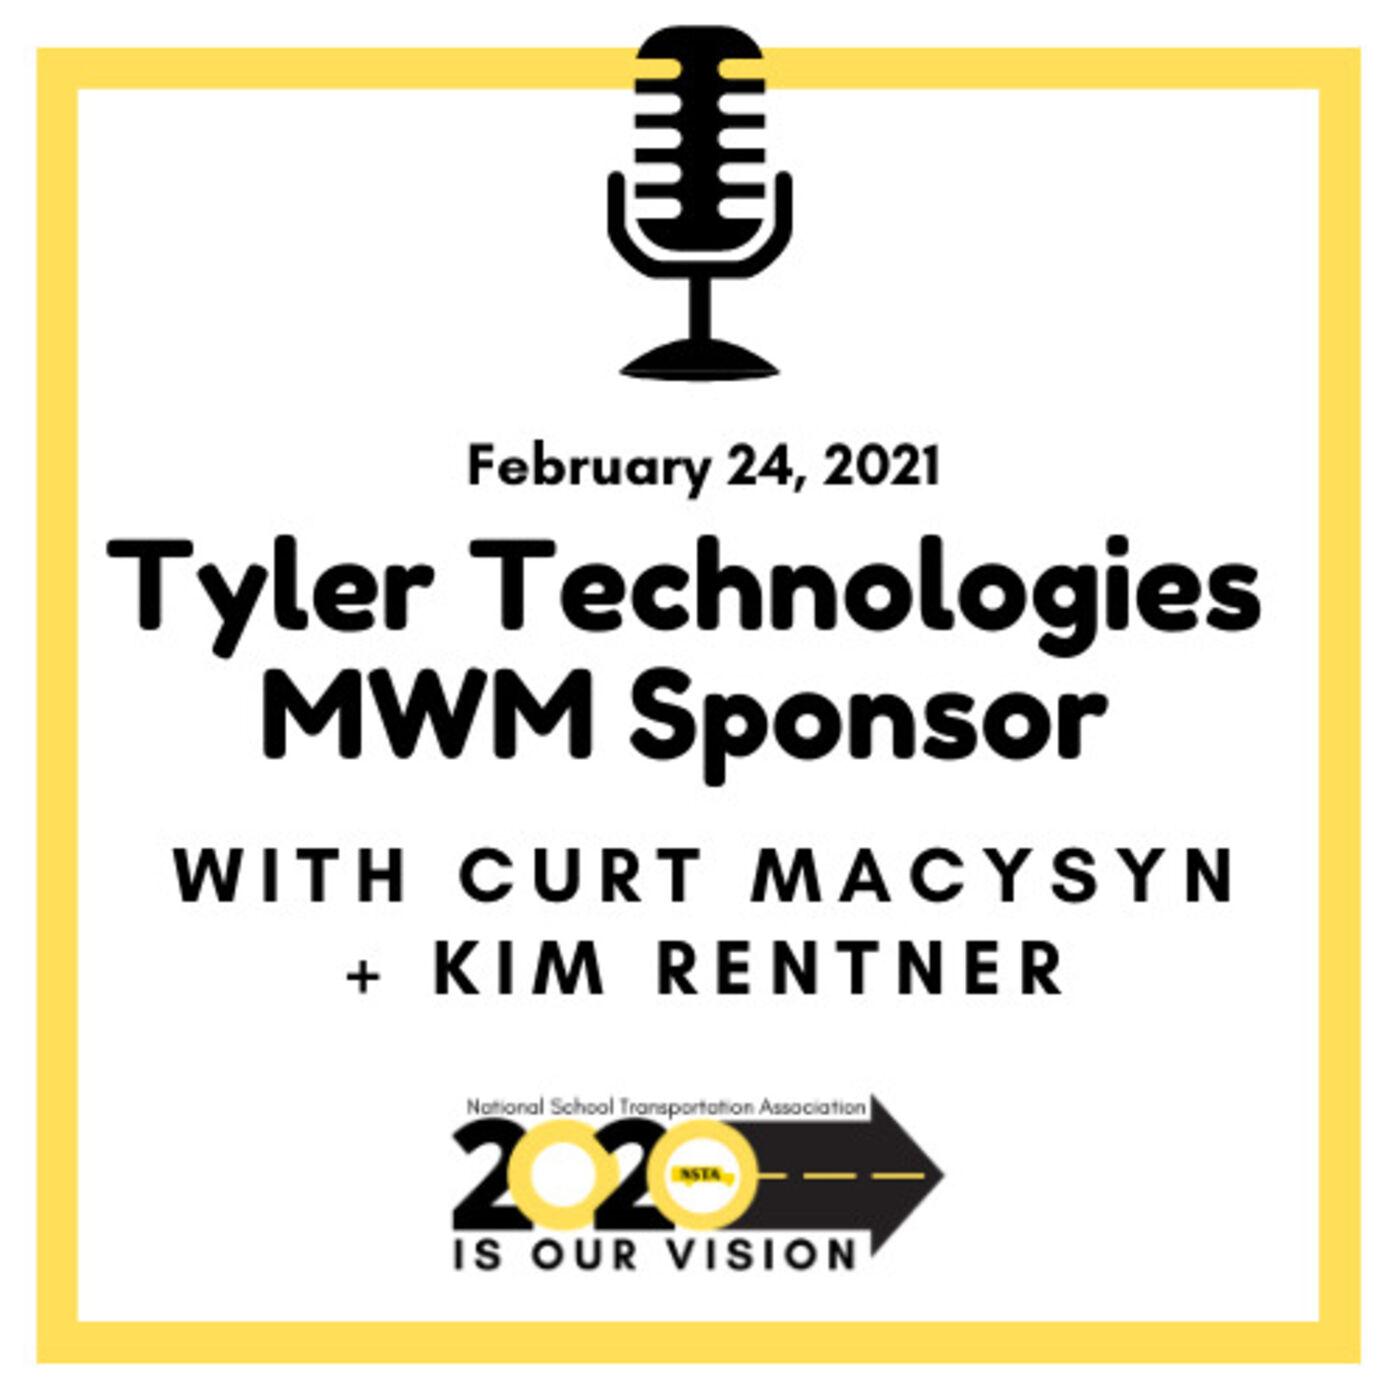 Tyler Technologies MWM Sponsor: Kim Rentner, Industry Engagement Consultant